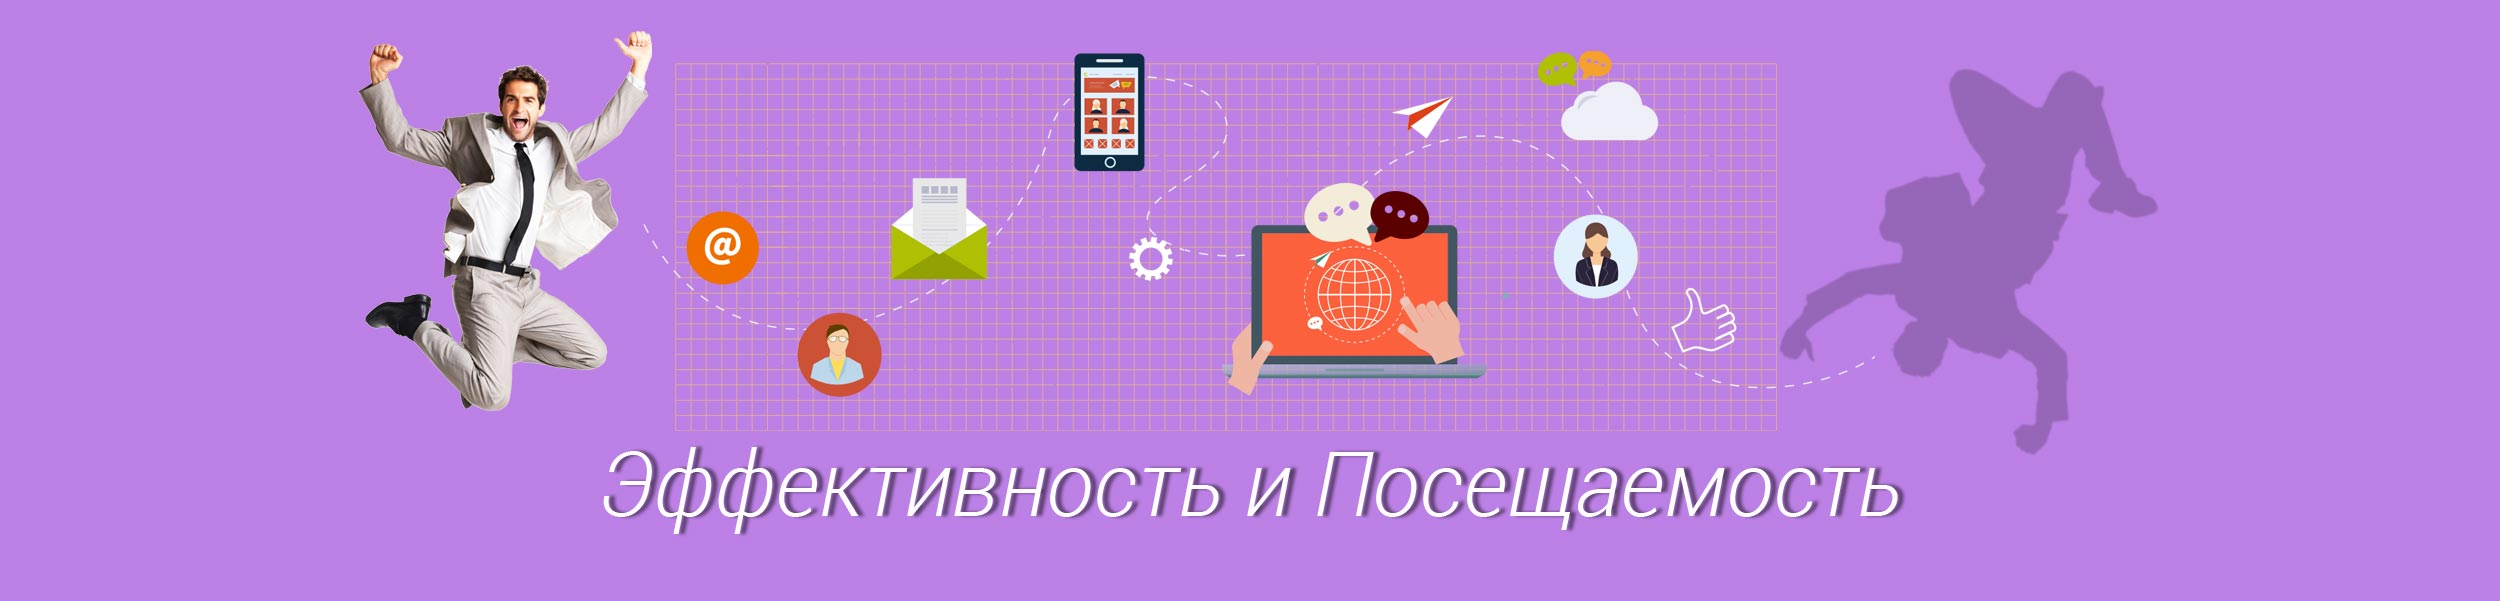 Интернет маркетинг и  поисковая реклама в интернете - увеличение посещаемости сайта